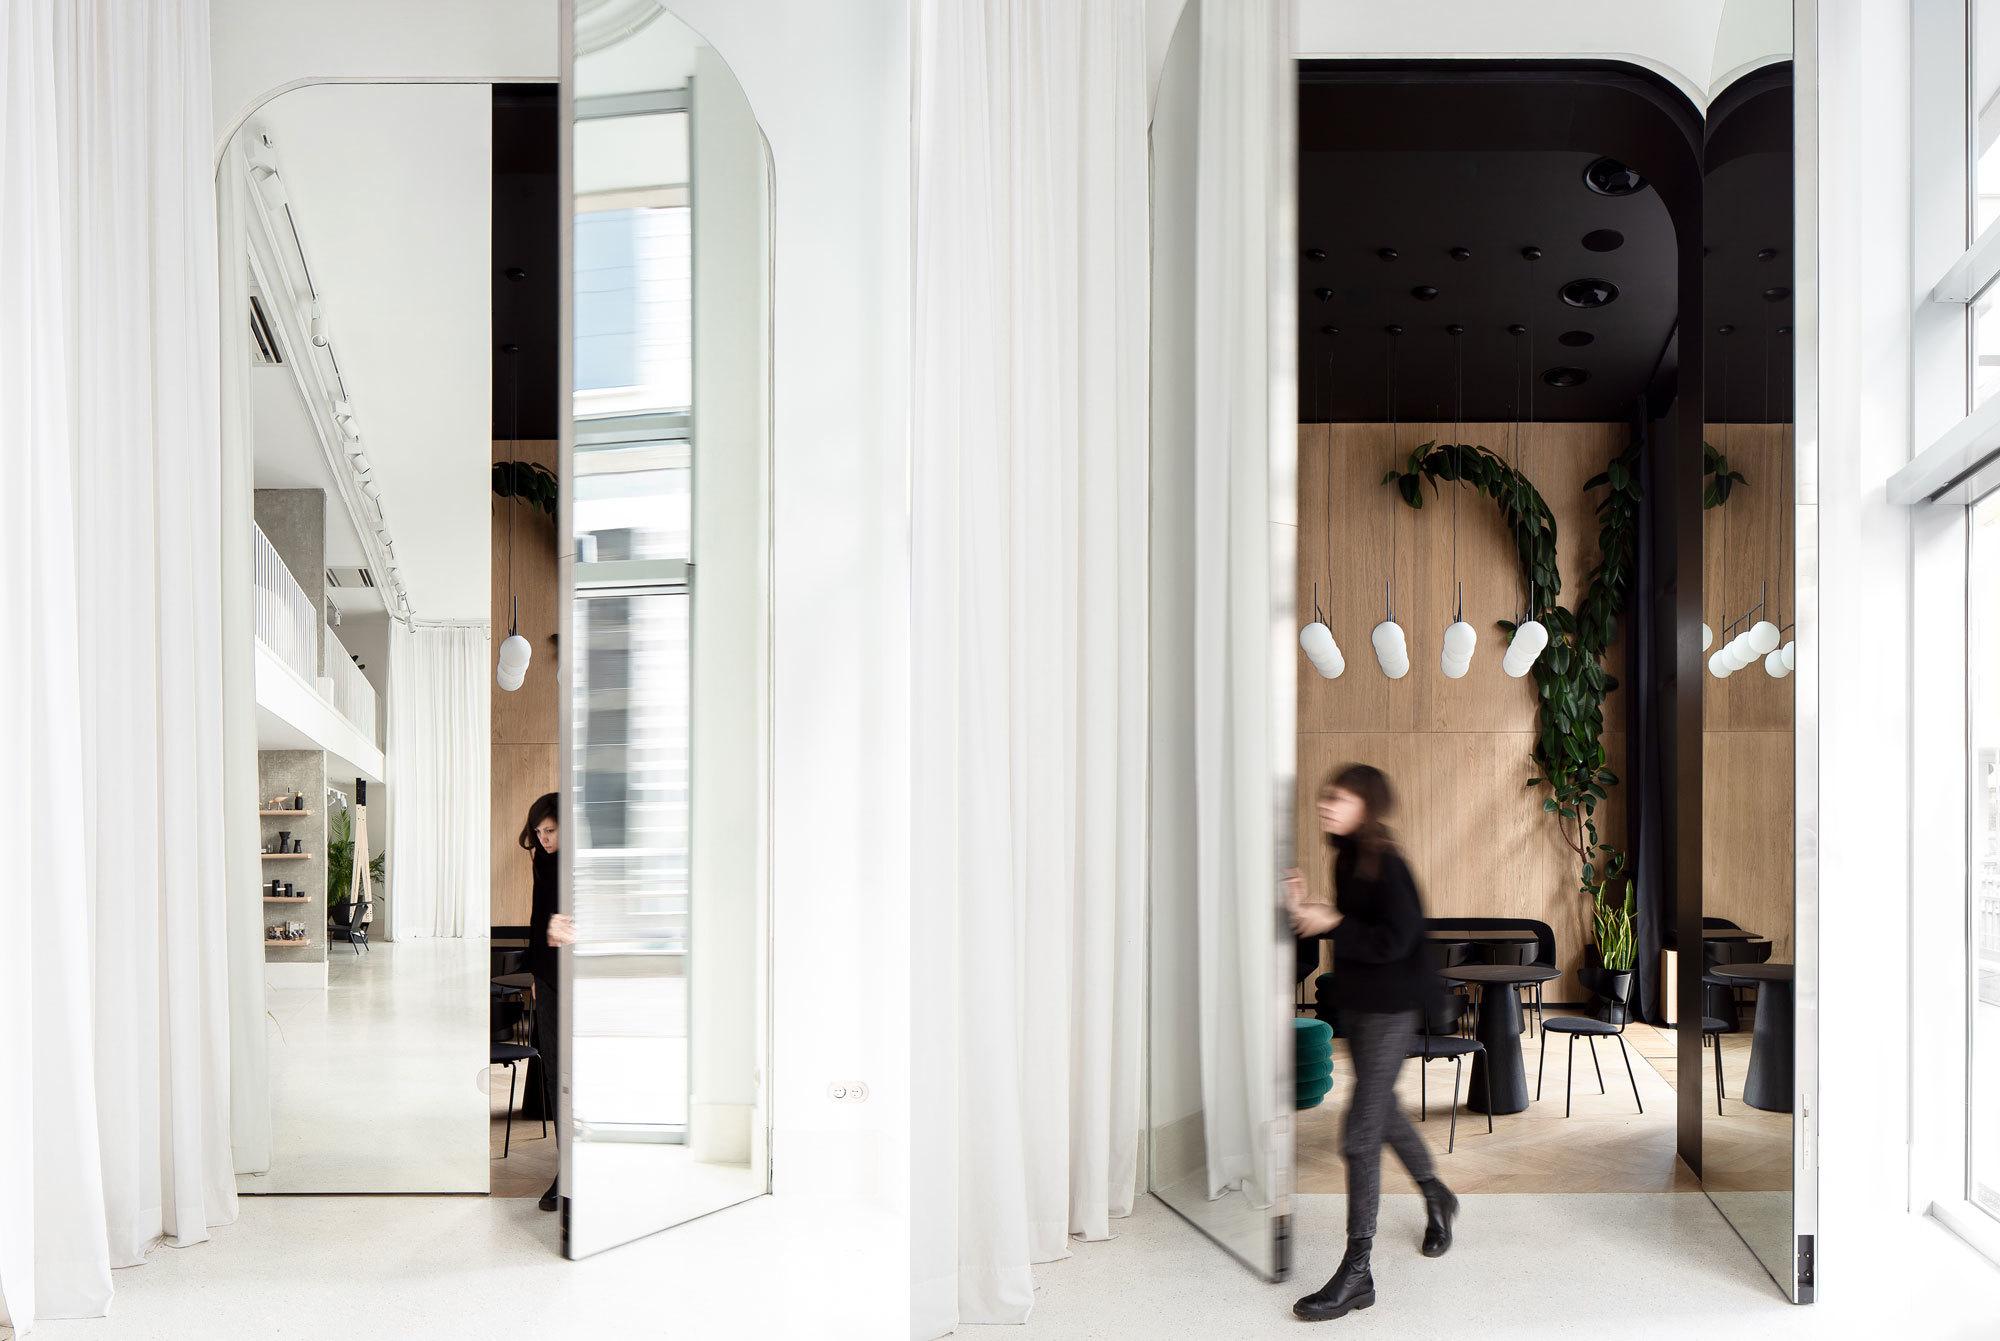 Verbunden mit der Natur: Das Studio AUTORI schuf im Belgrader GIR Café ein elegantes Wald-Ambiente – als optischen Kontrast zum weißen GIR Store nebenan.